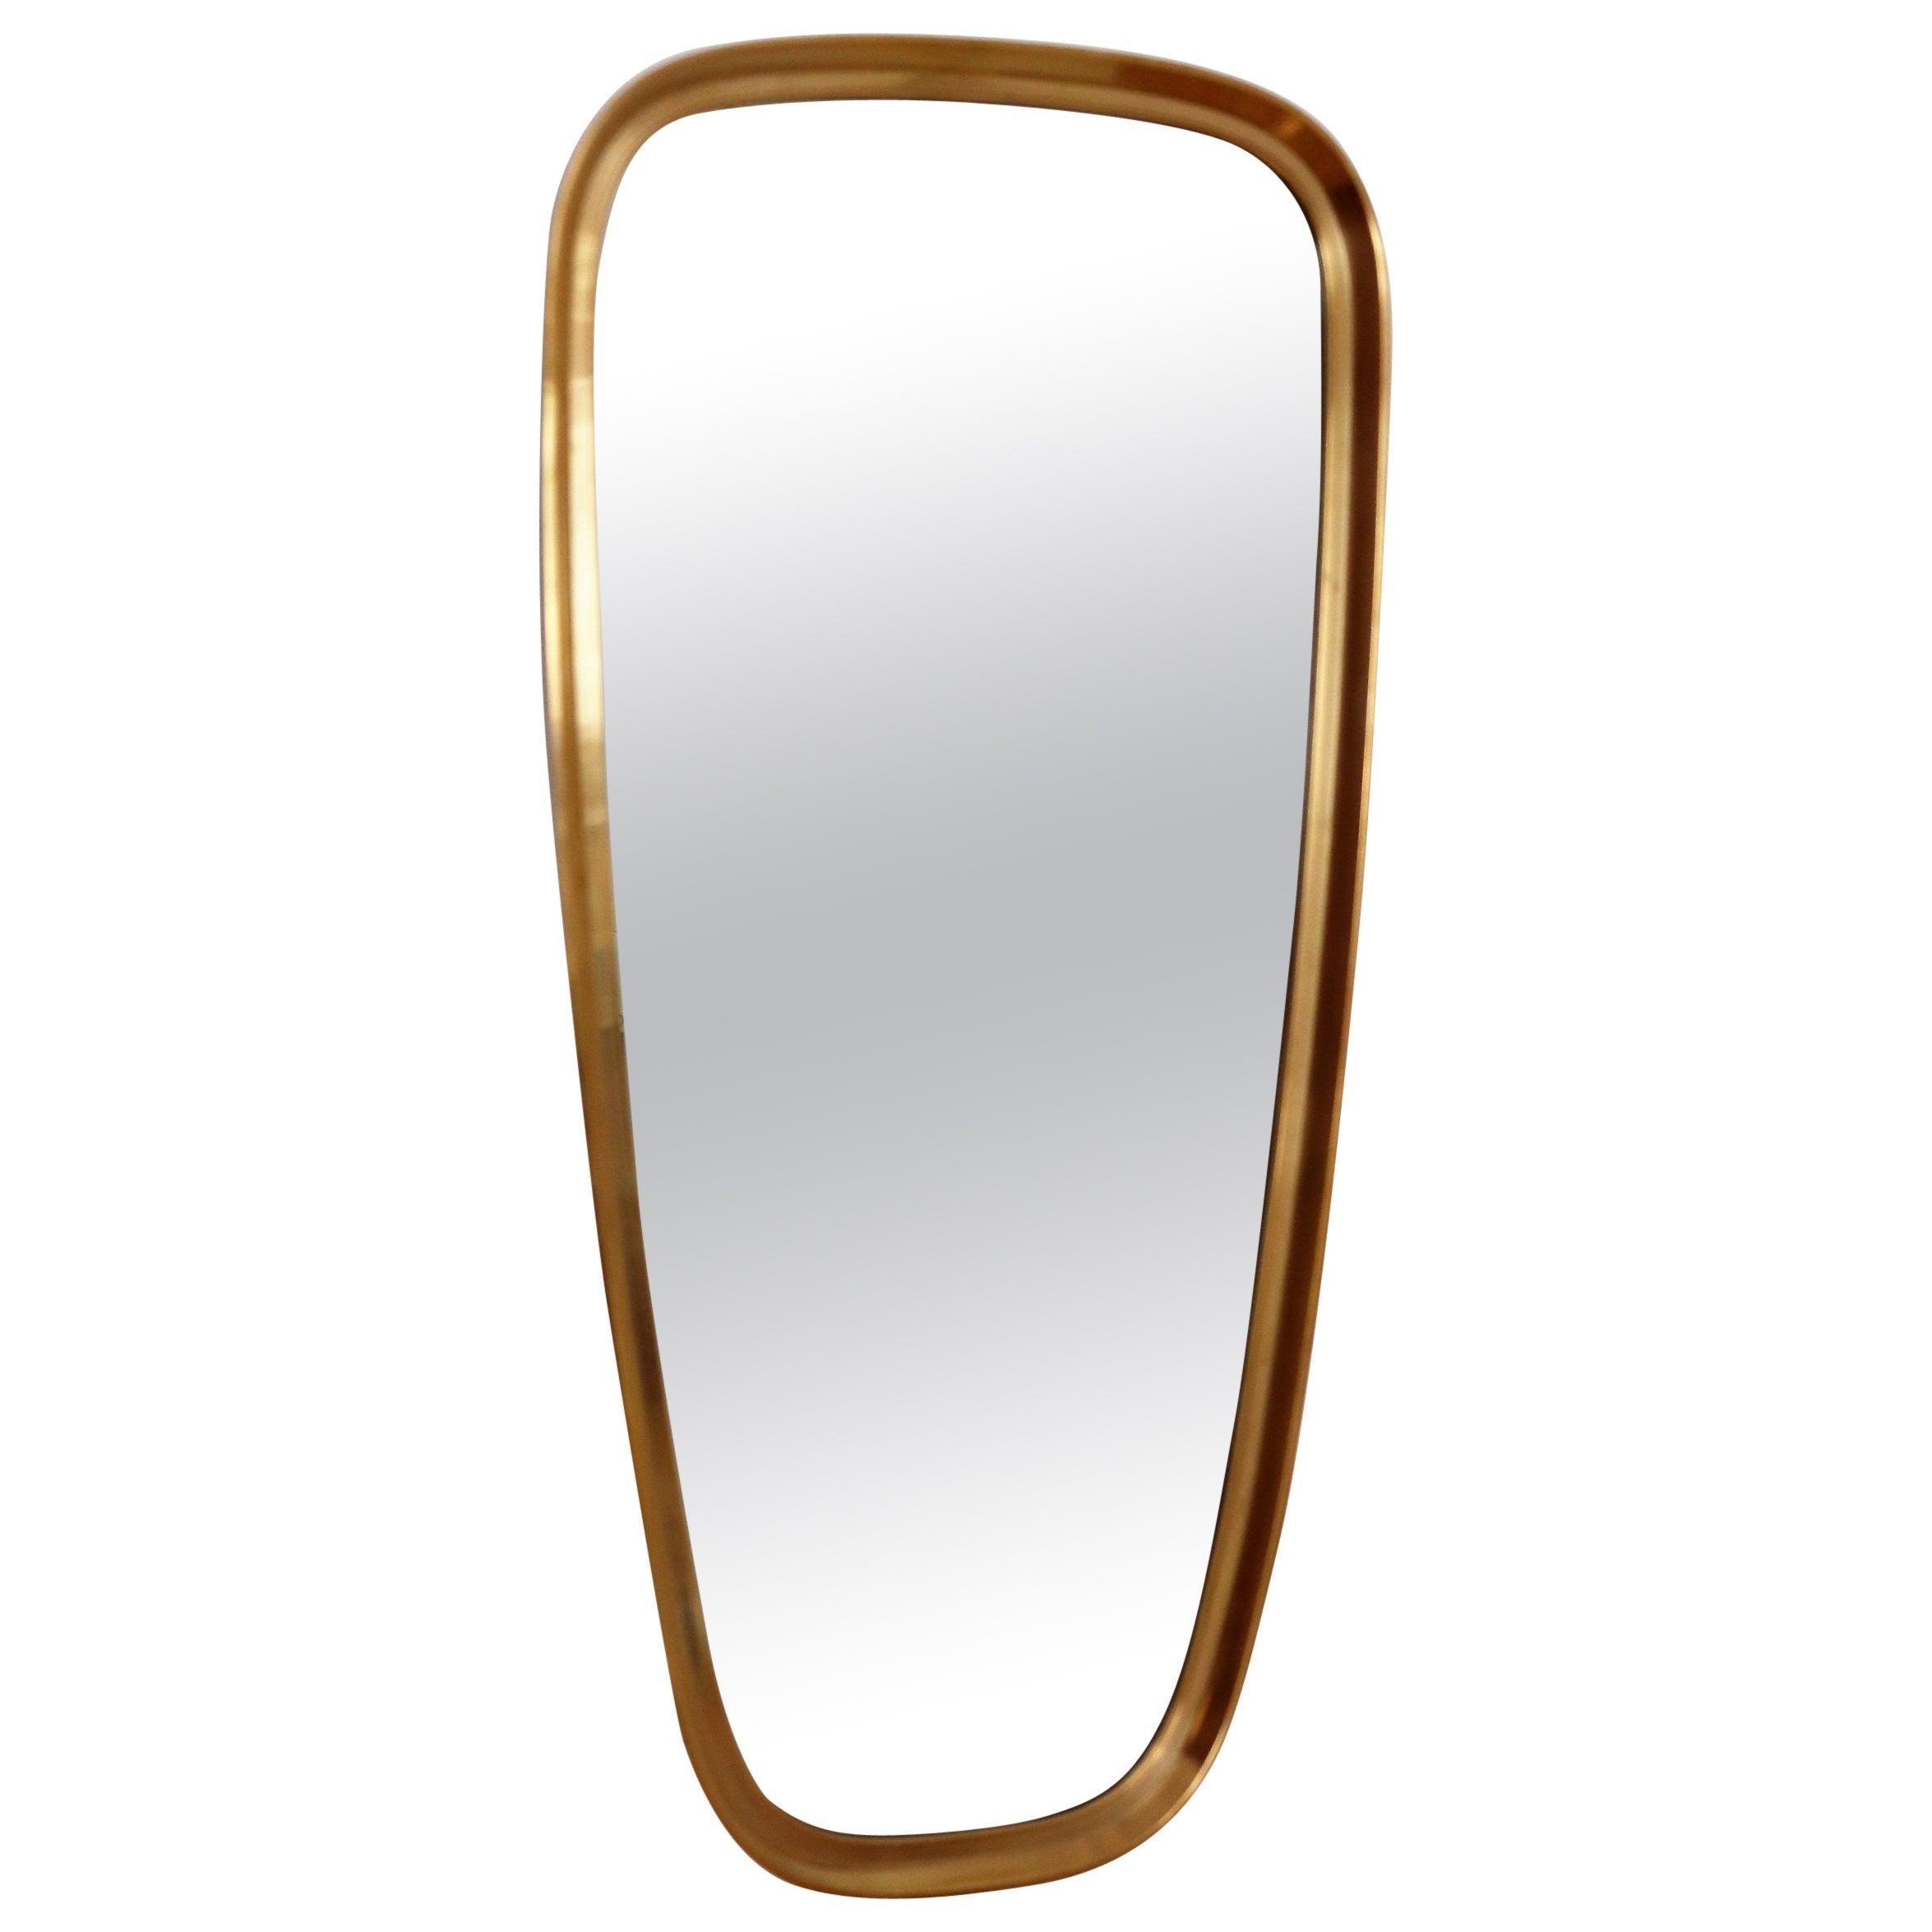 Midcentury Wall Mirror in Brass by Vereinigte Werkstätten, Germany, 1970s